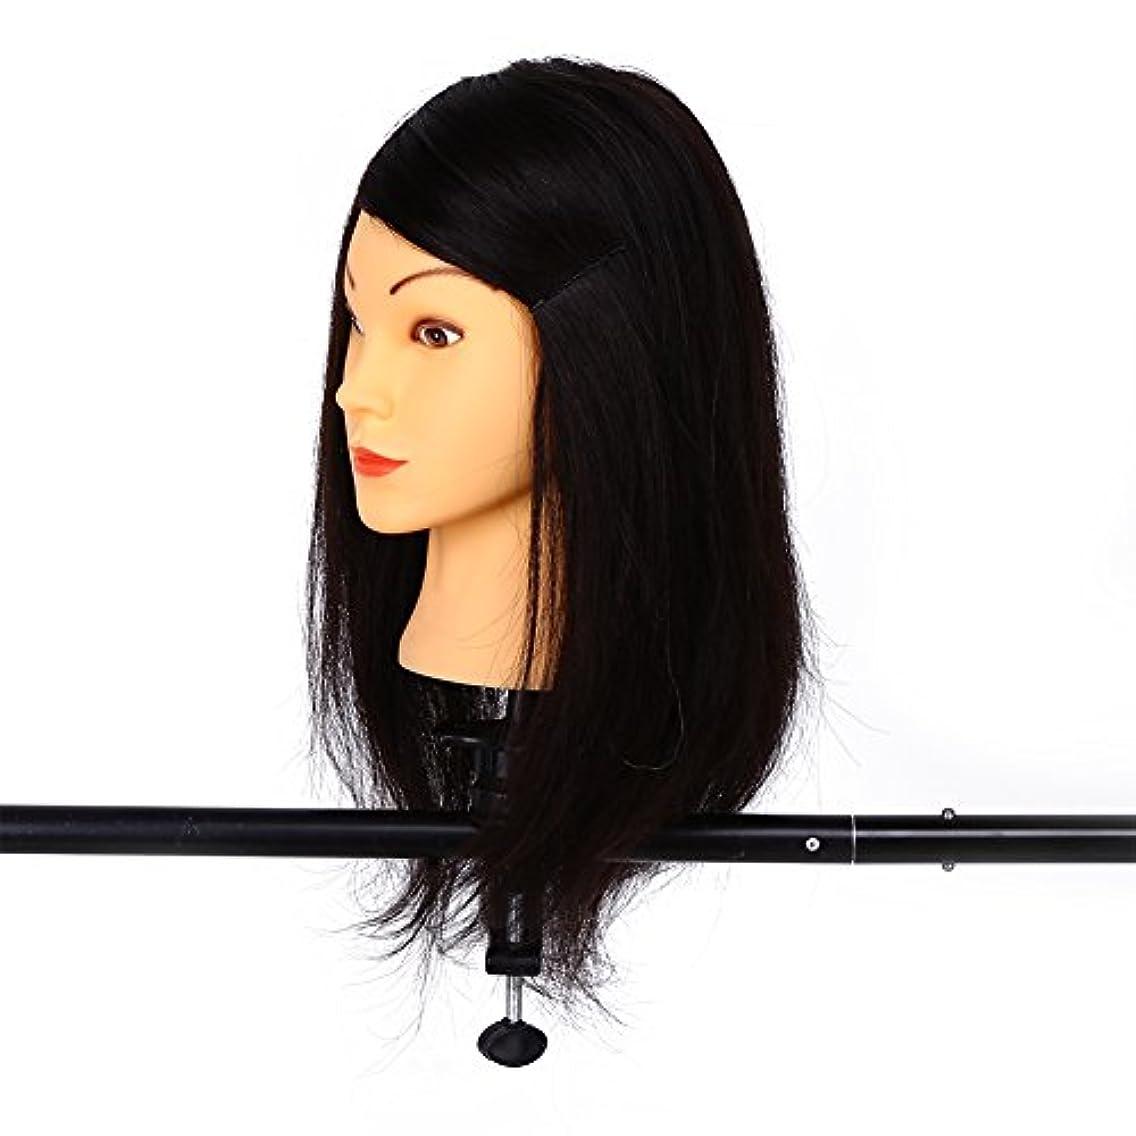 ほこりっぽいささいなブラウスマネキンヘッド、美容院トレーニング実践ヘッドマネキンロング理髪+ブレードセットツール(5#)